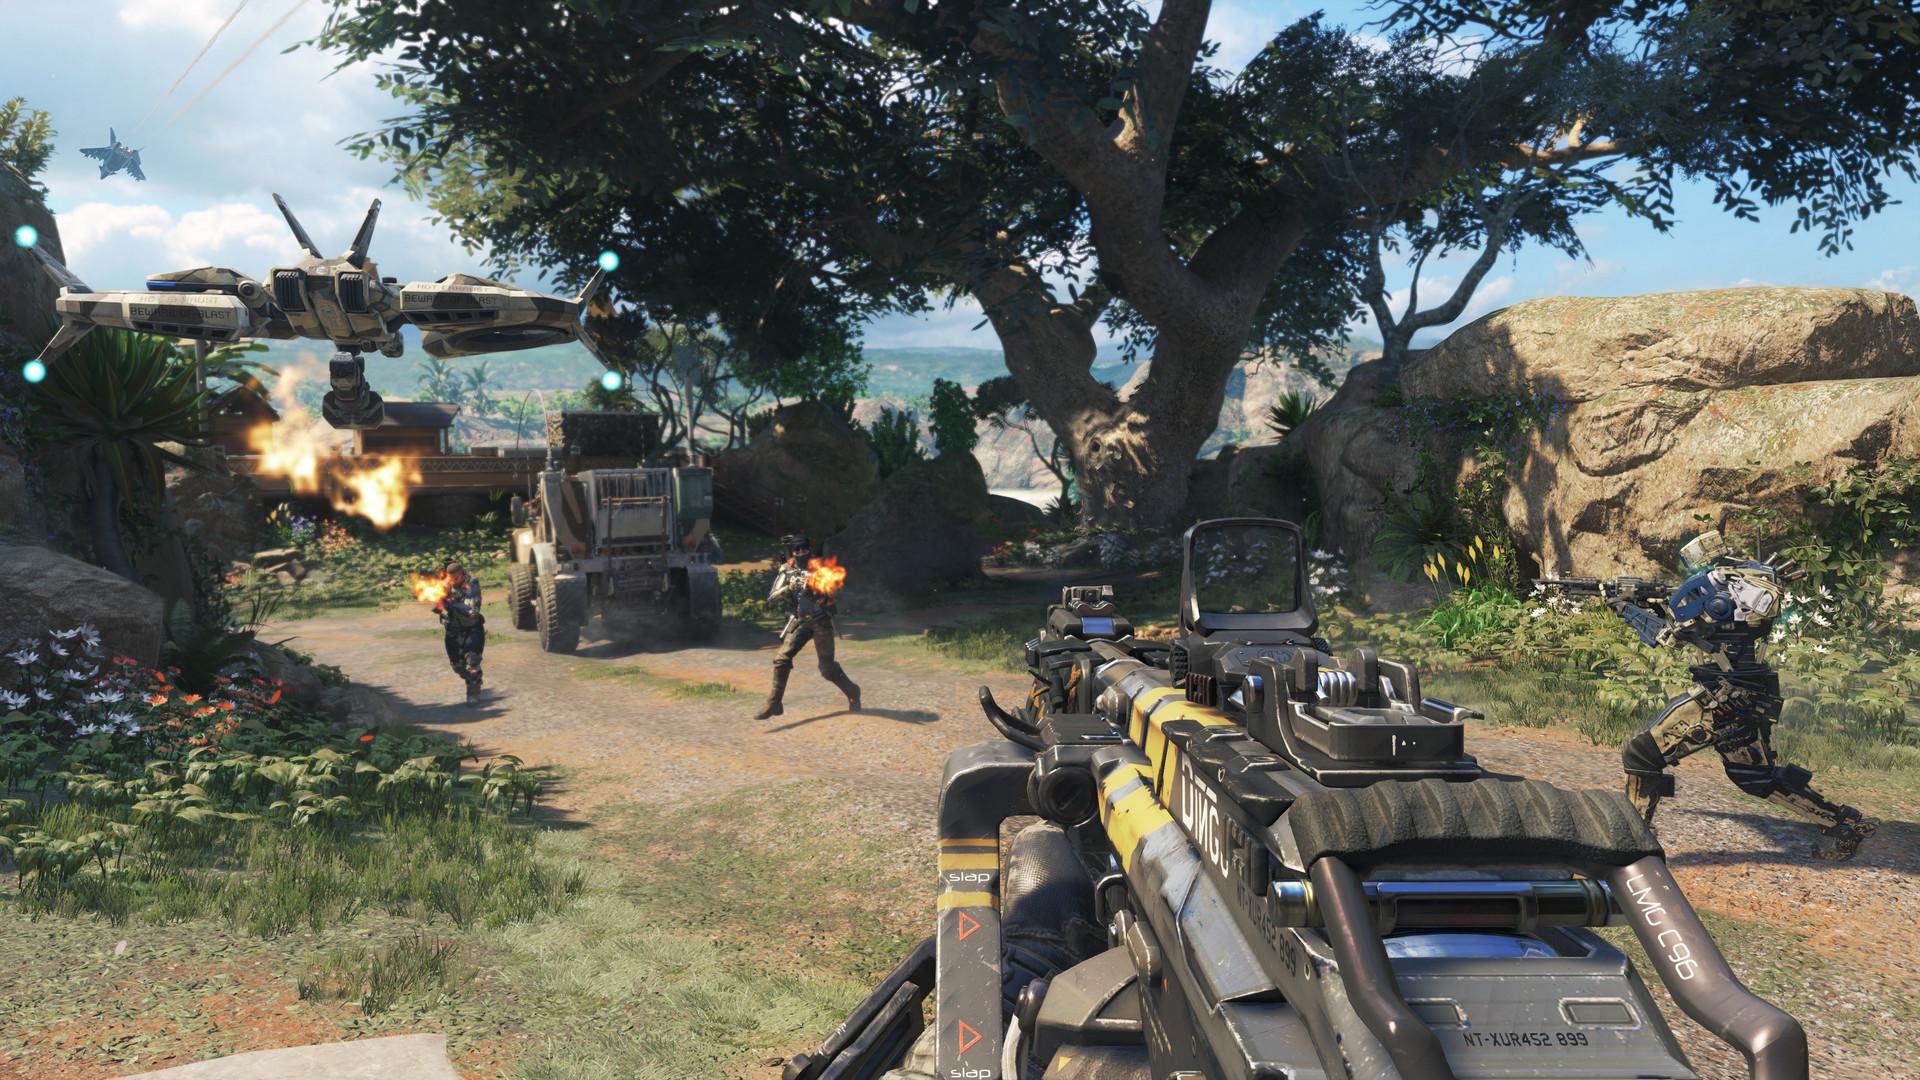 Call of Duty: Black Ops III image 2